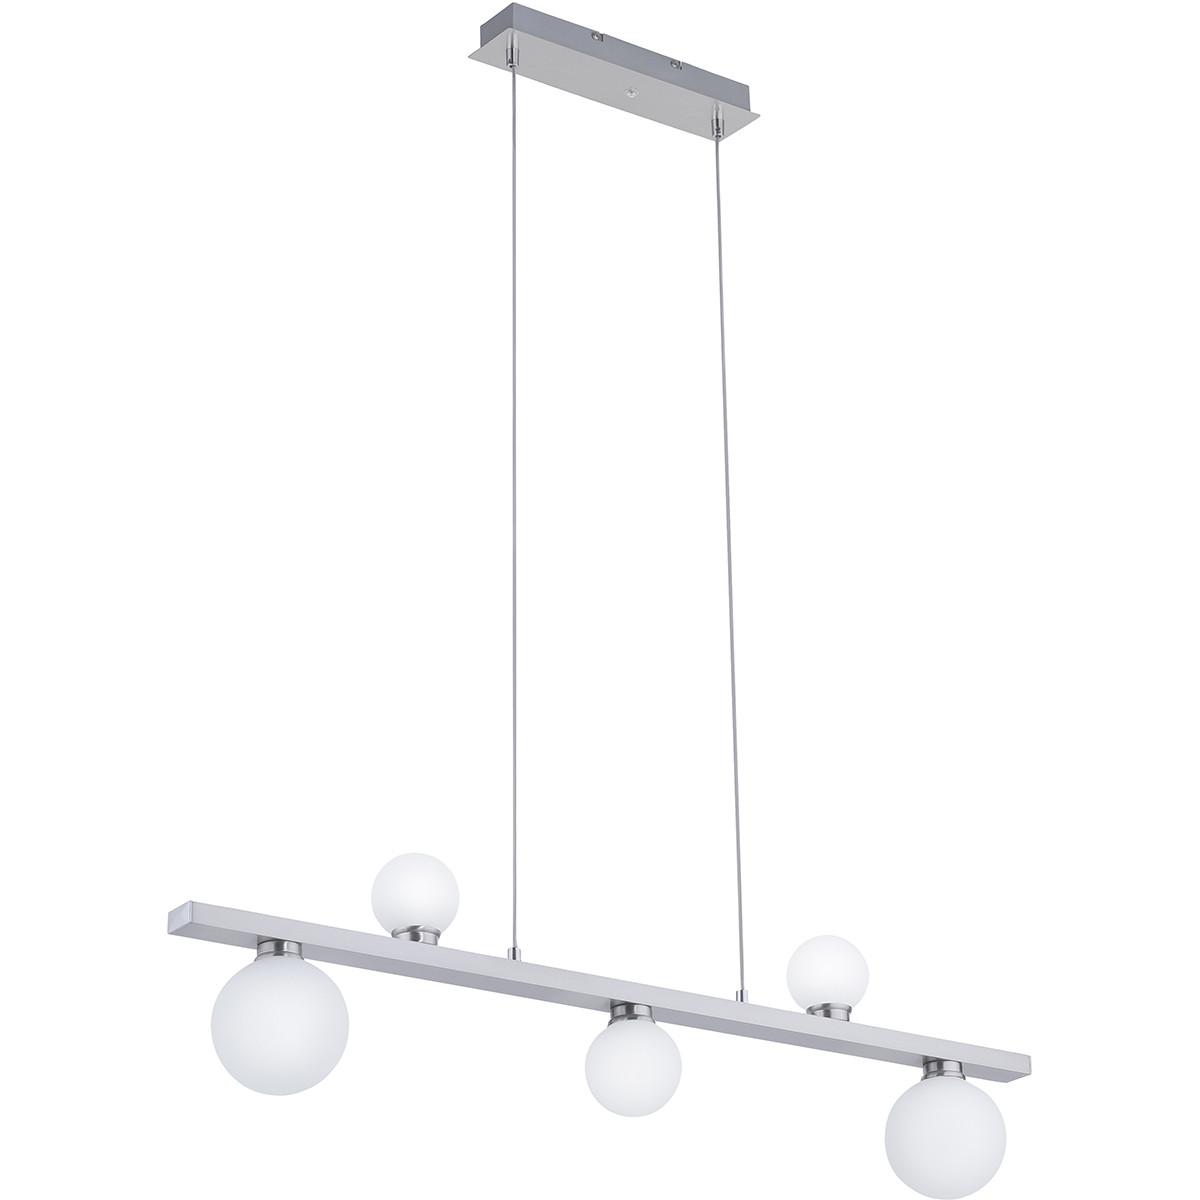 LED Hanglamp WiZ - Smart LED - Trion Dulpio - 15W - Aanpasbare Kleur - 5-lichts - Dimbaar - Rechthoe